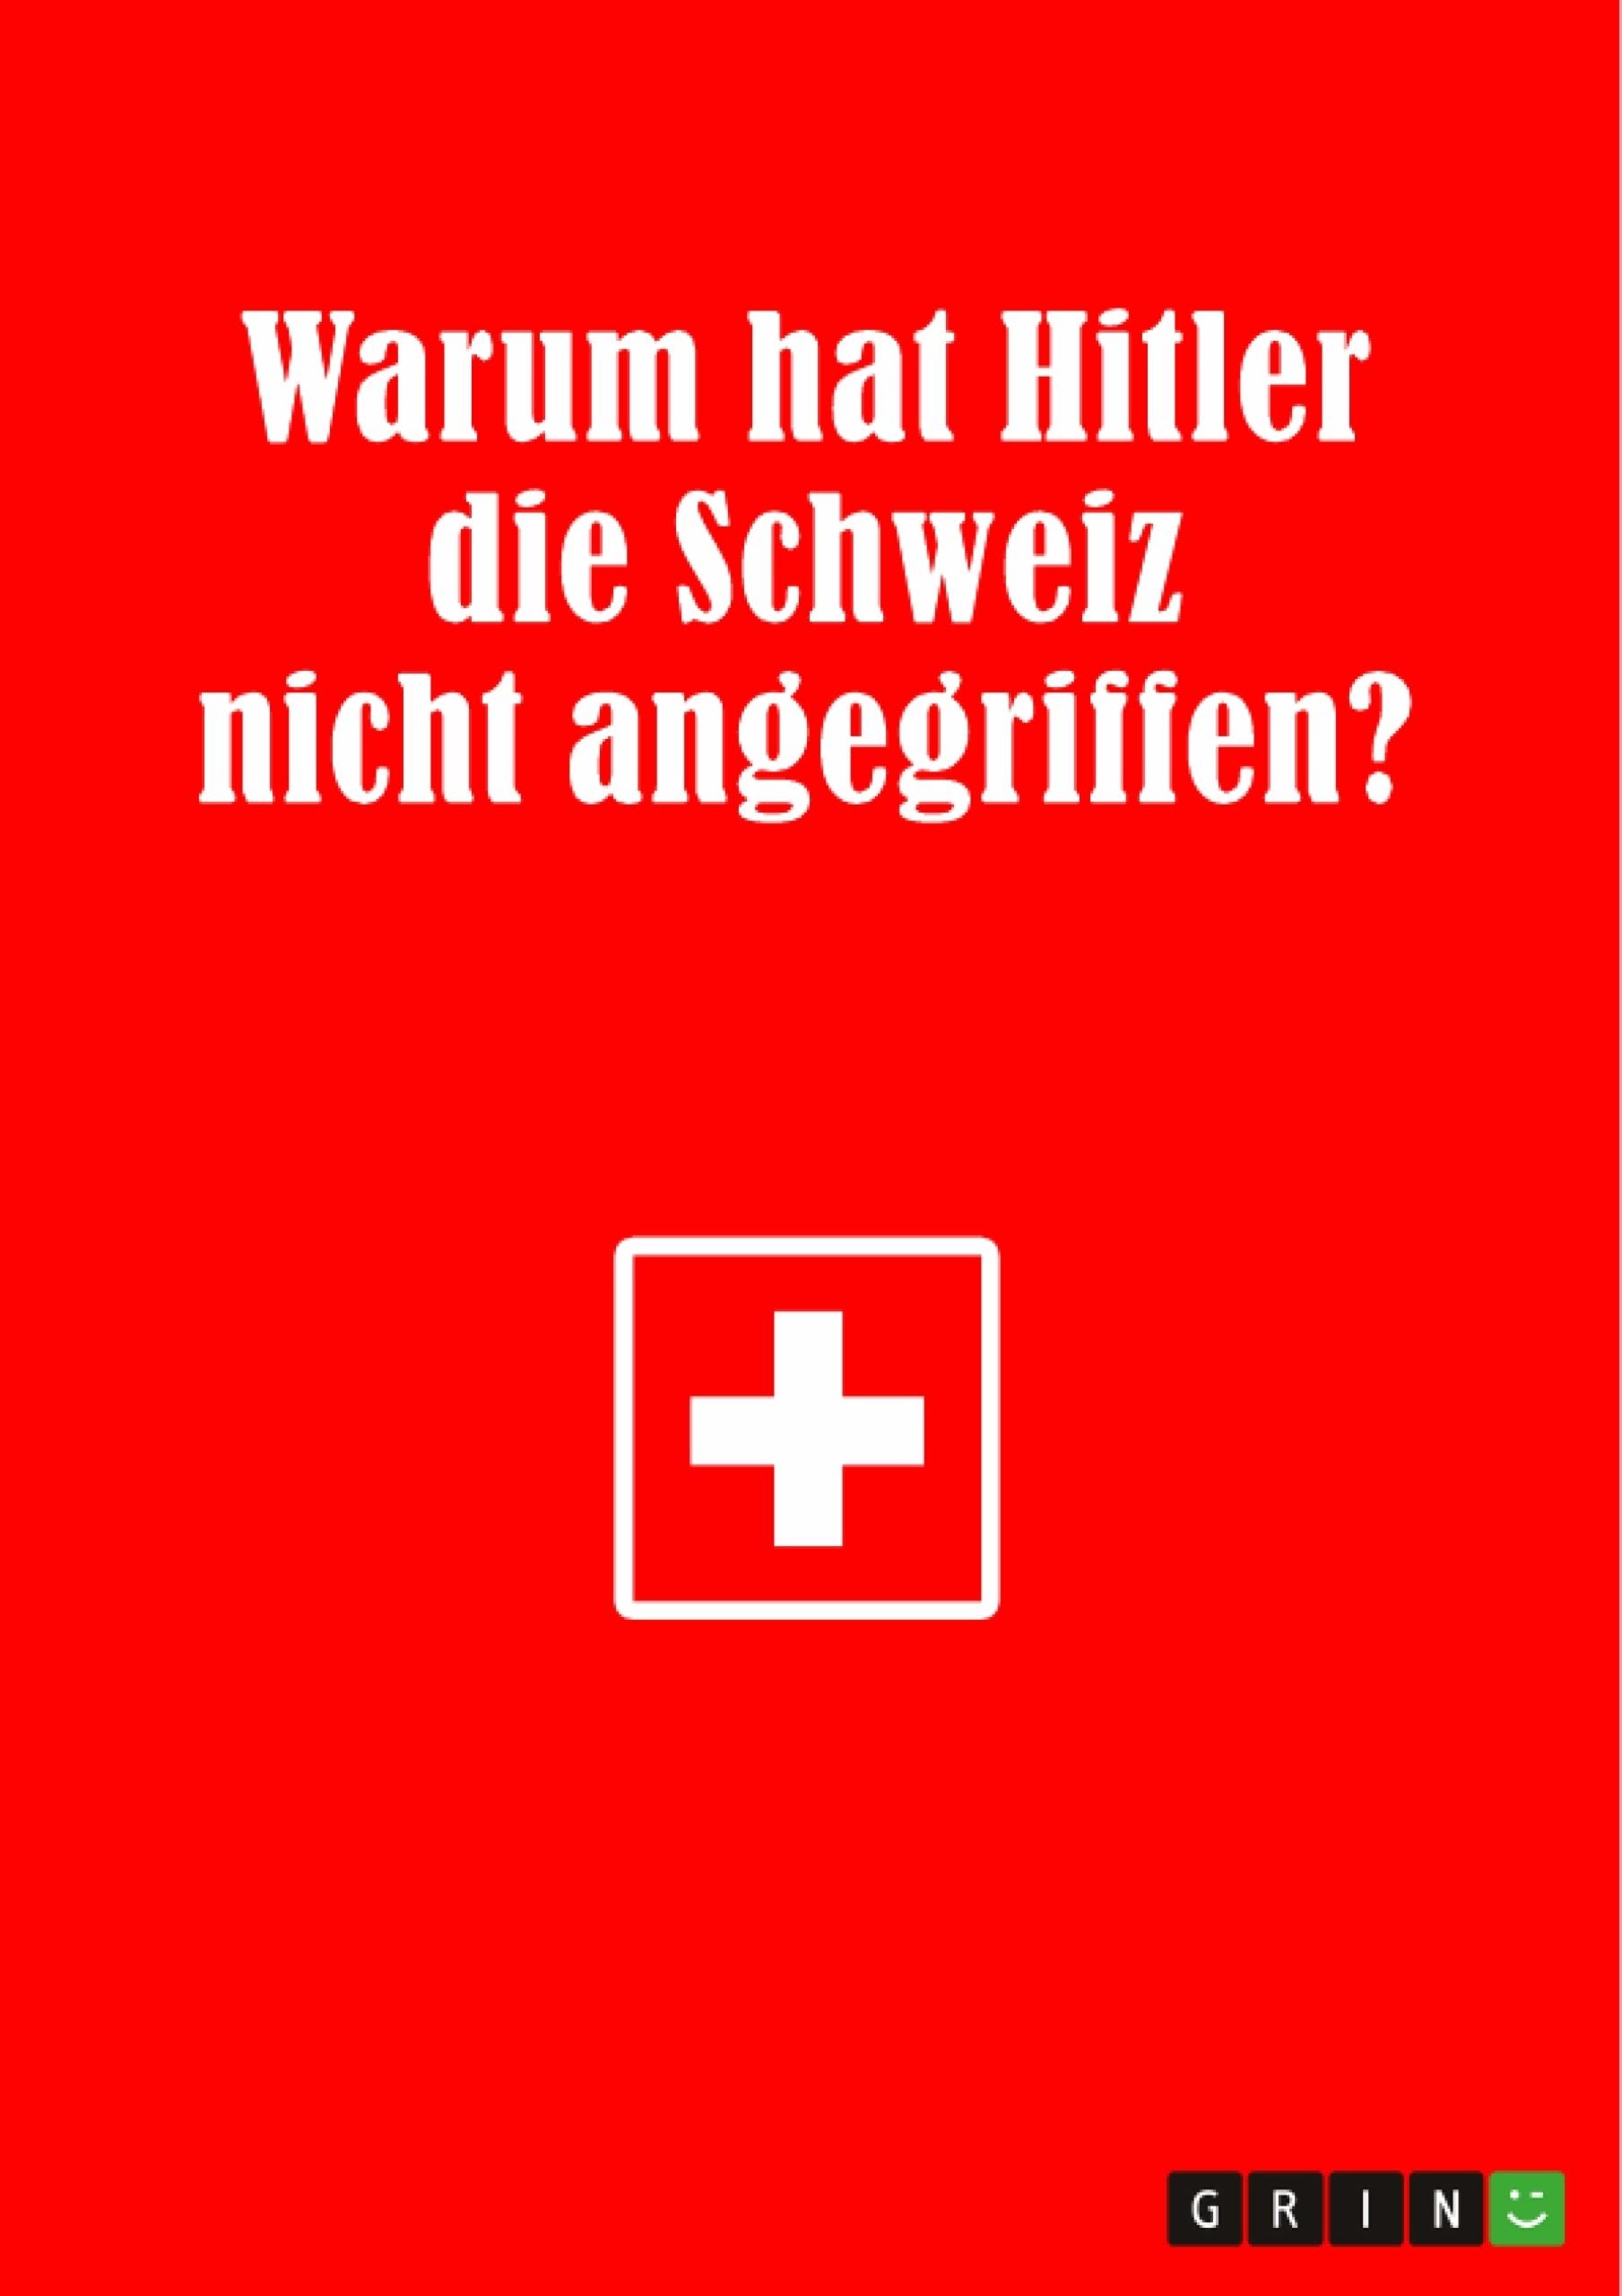 Titel: Warum hat Hitler die Schweiz nicht angegriffen?